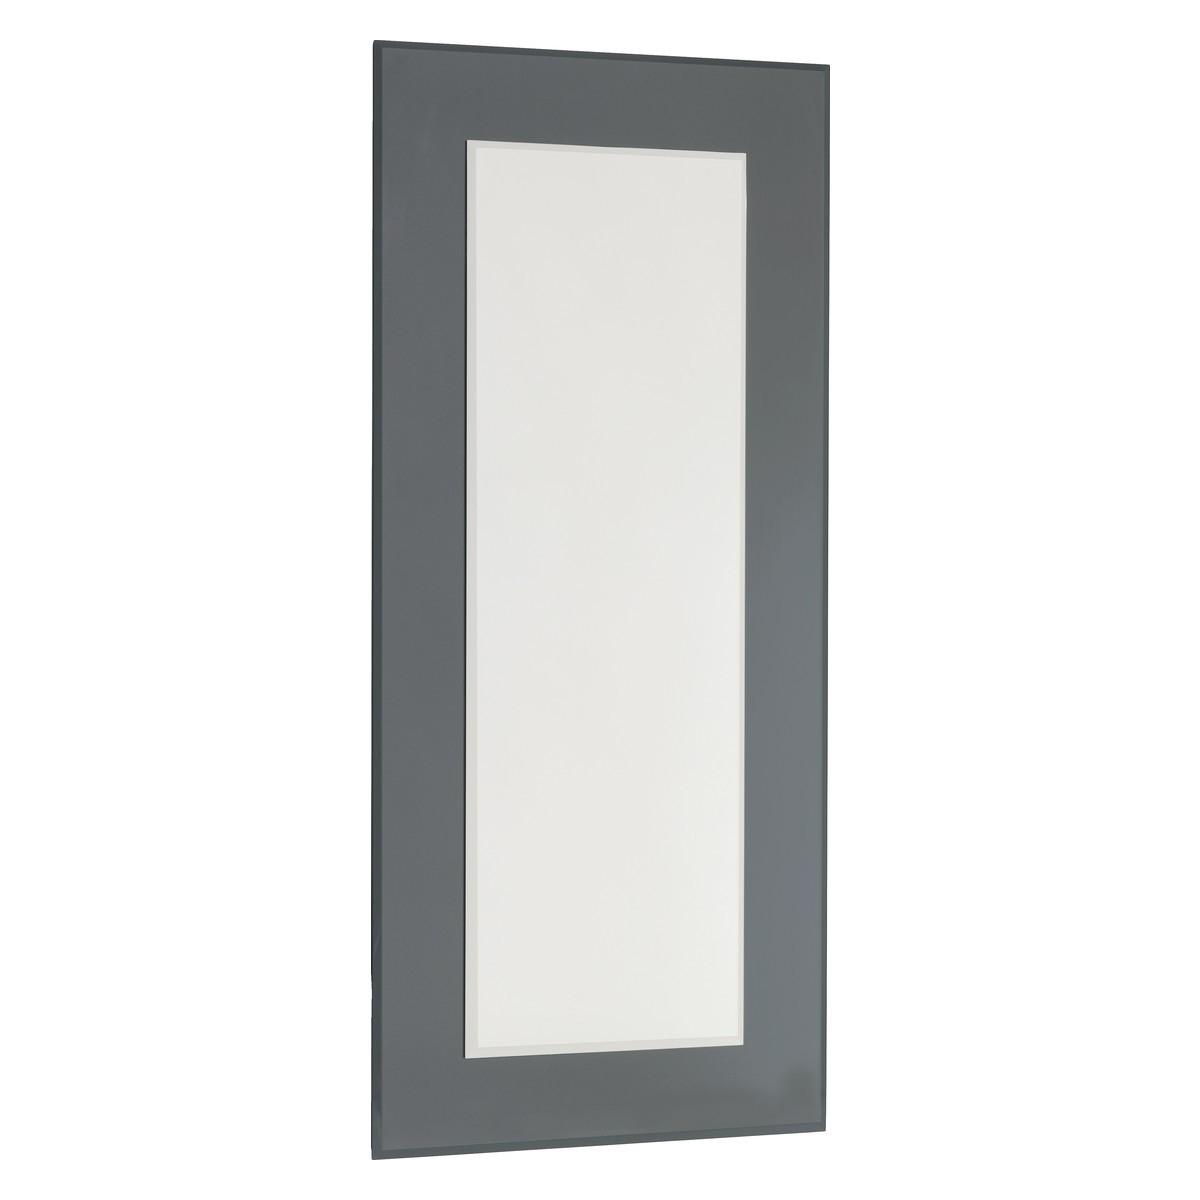 Thin Full Length Wall Mirror